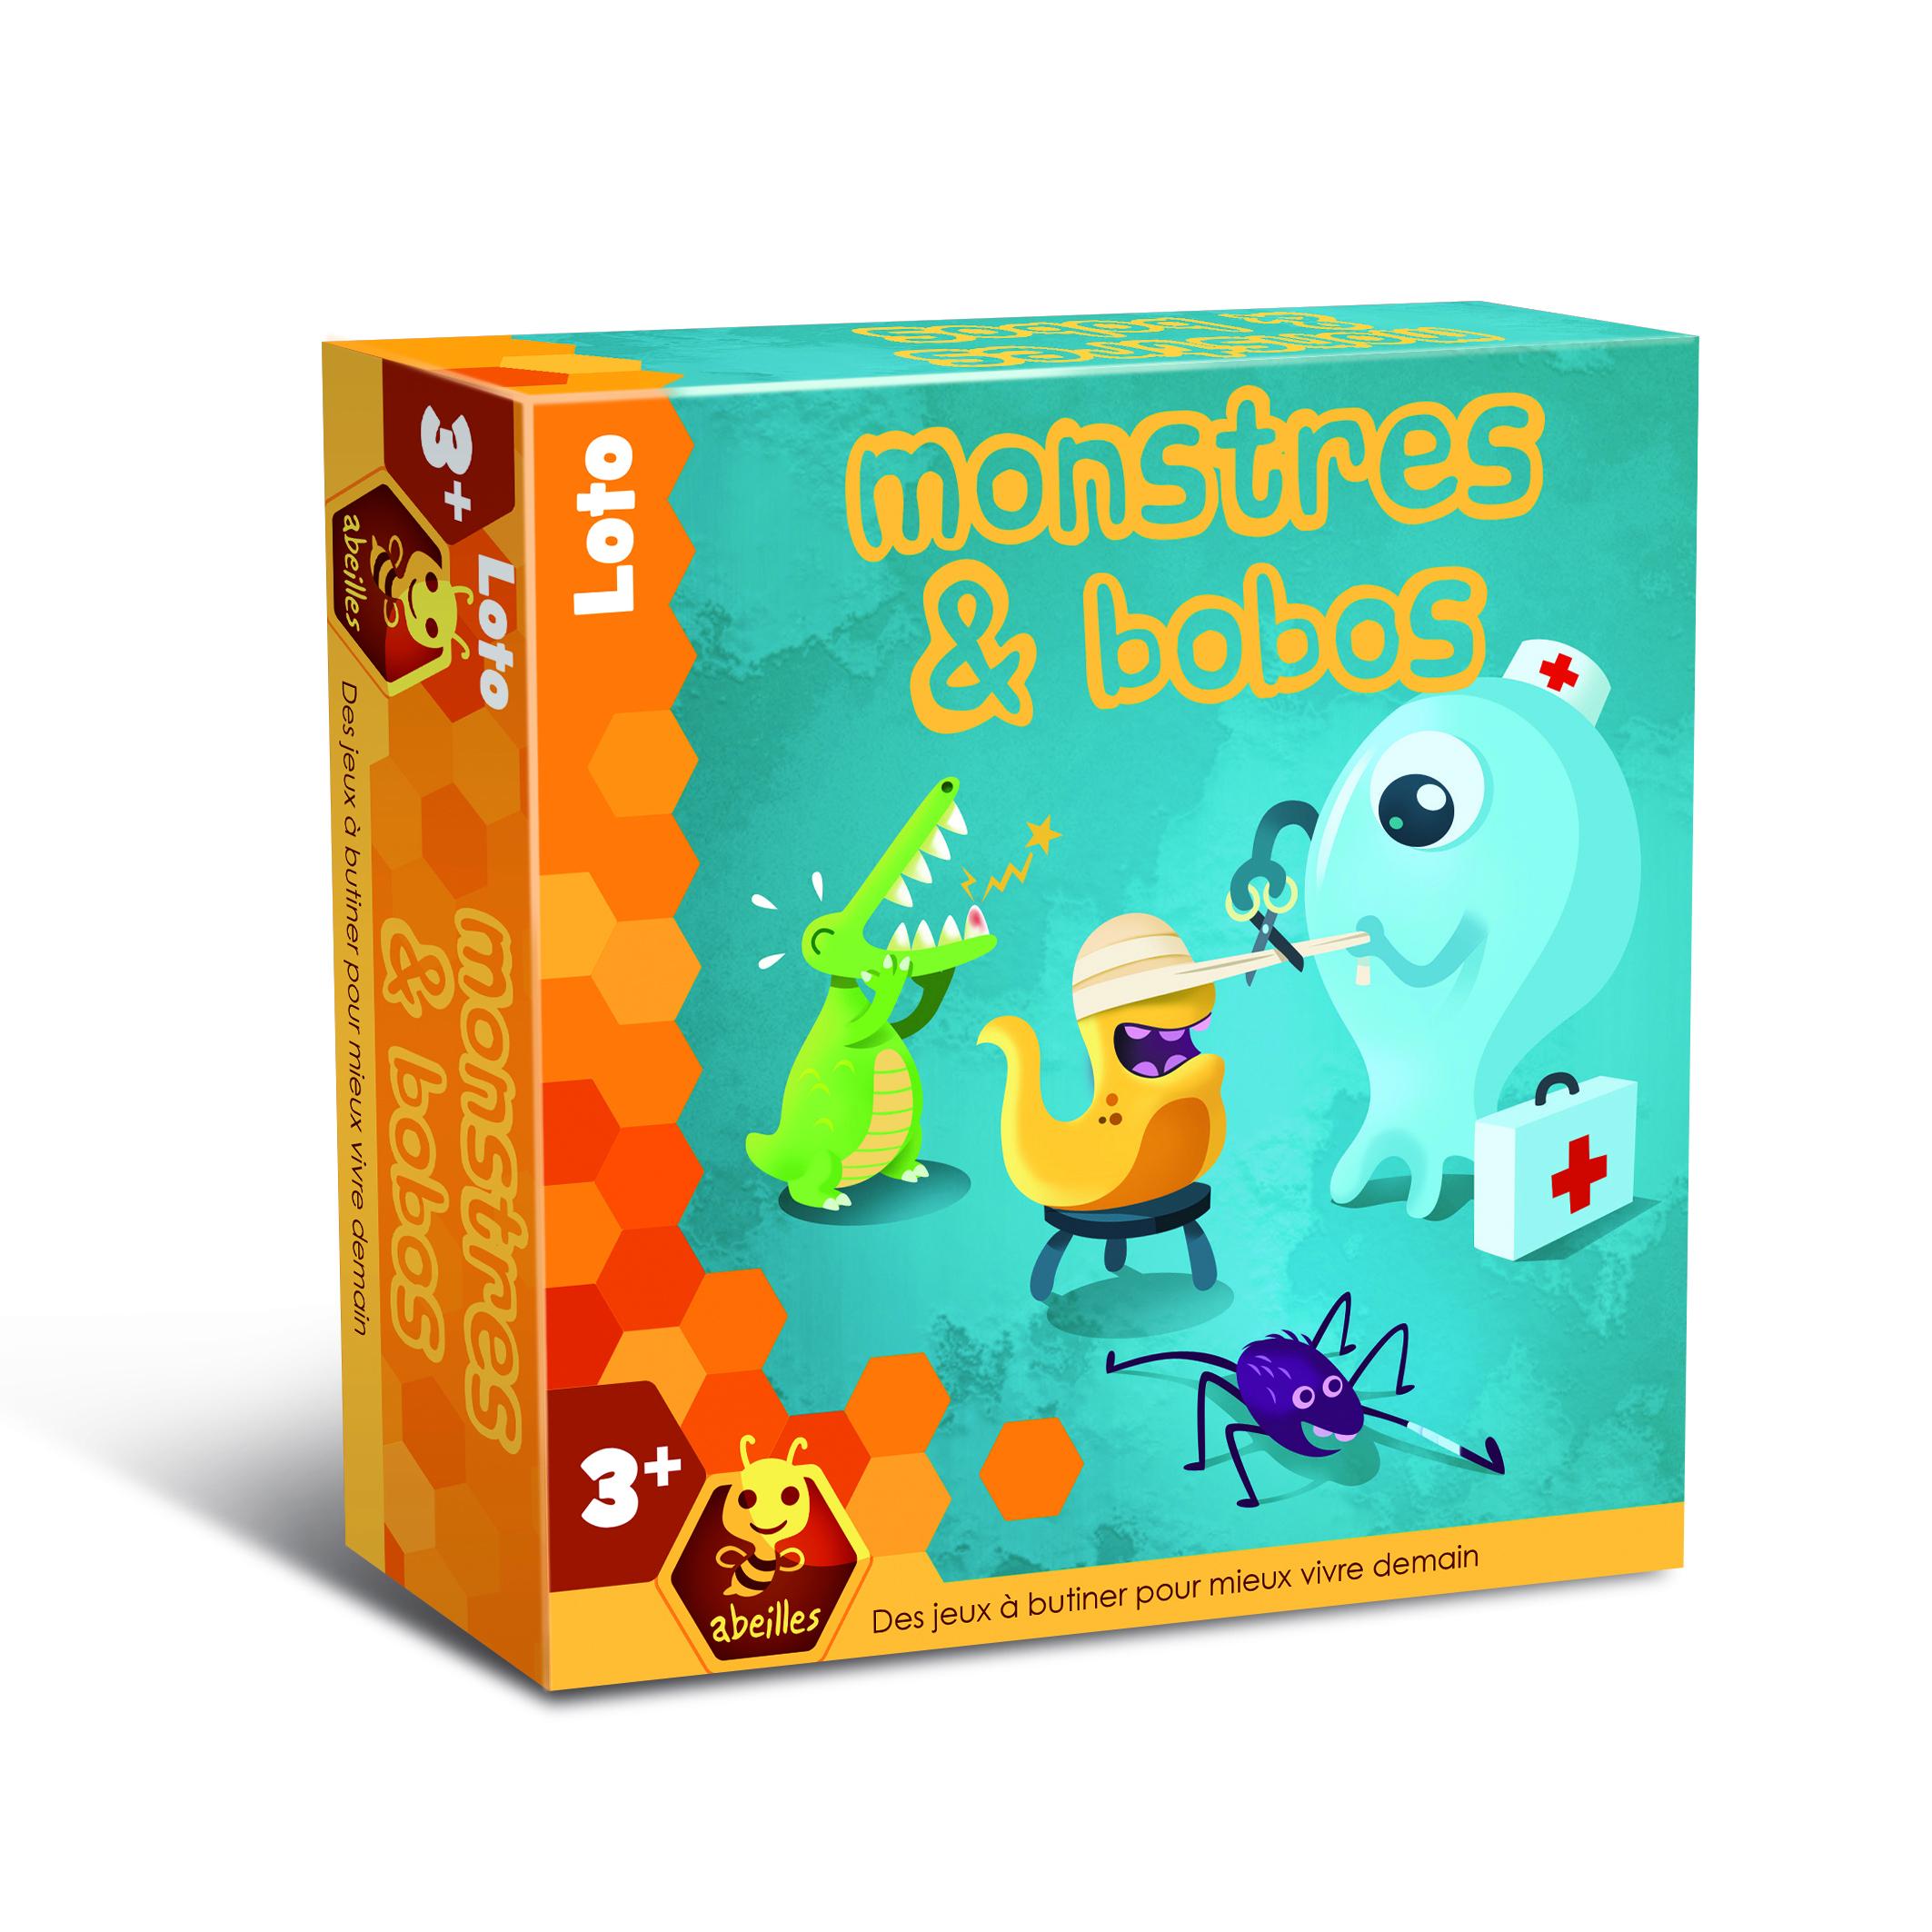 Monstres & Bobos serapportantà Jeux Enfant De 3 Ans